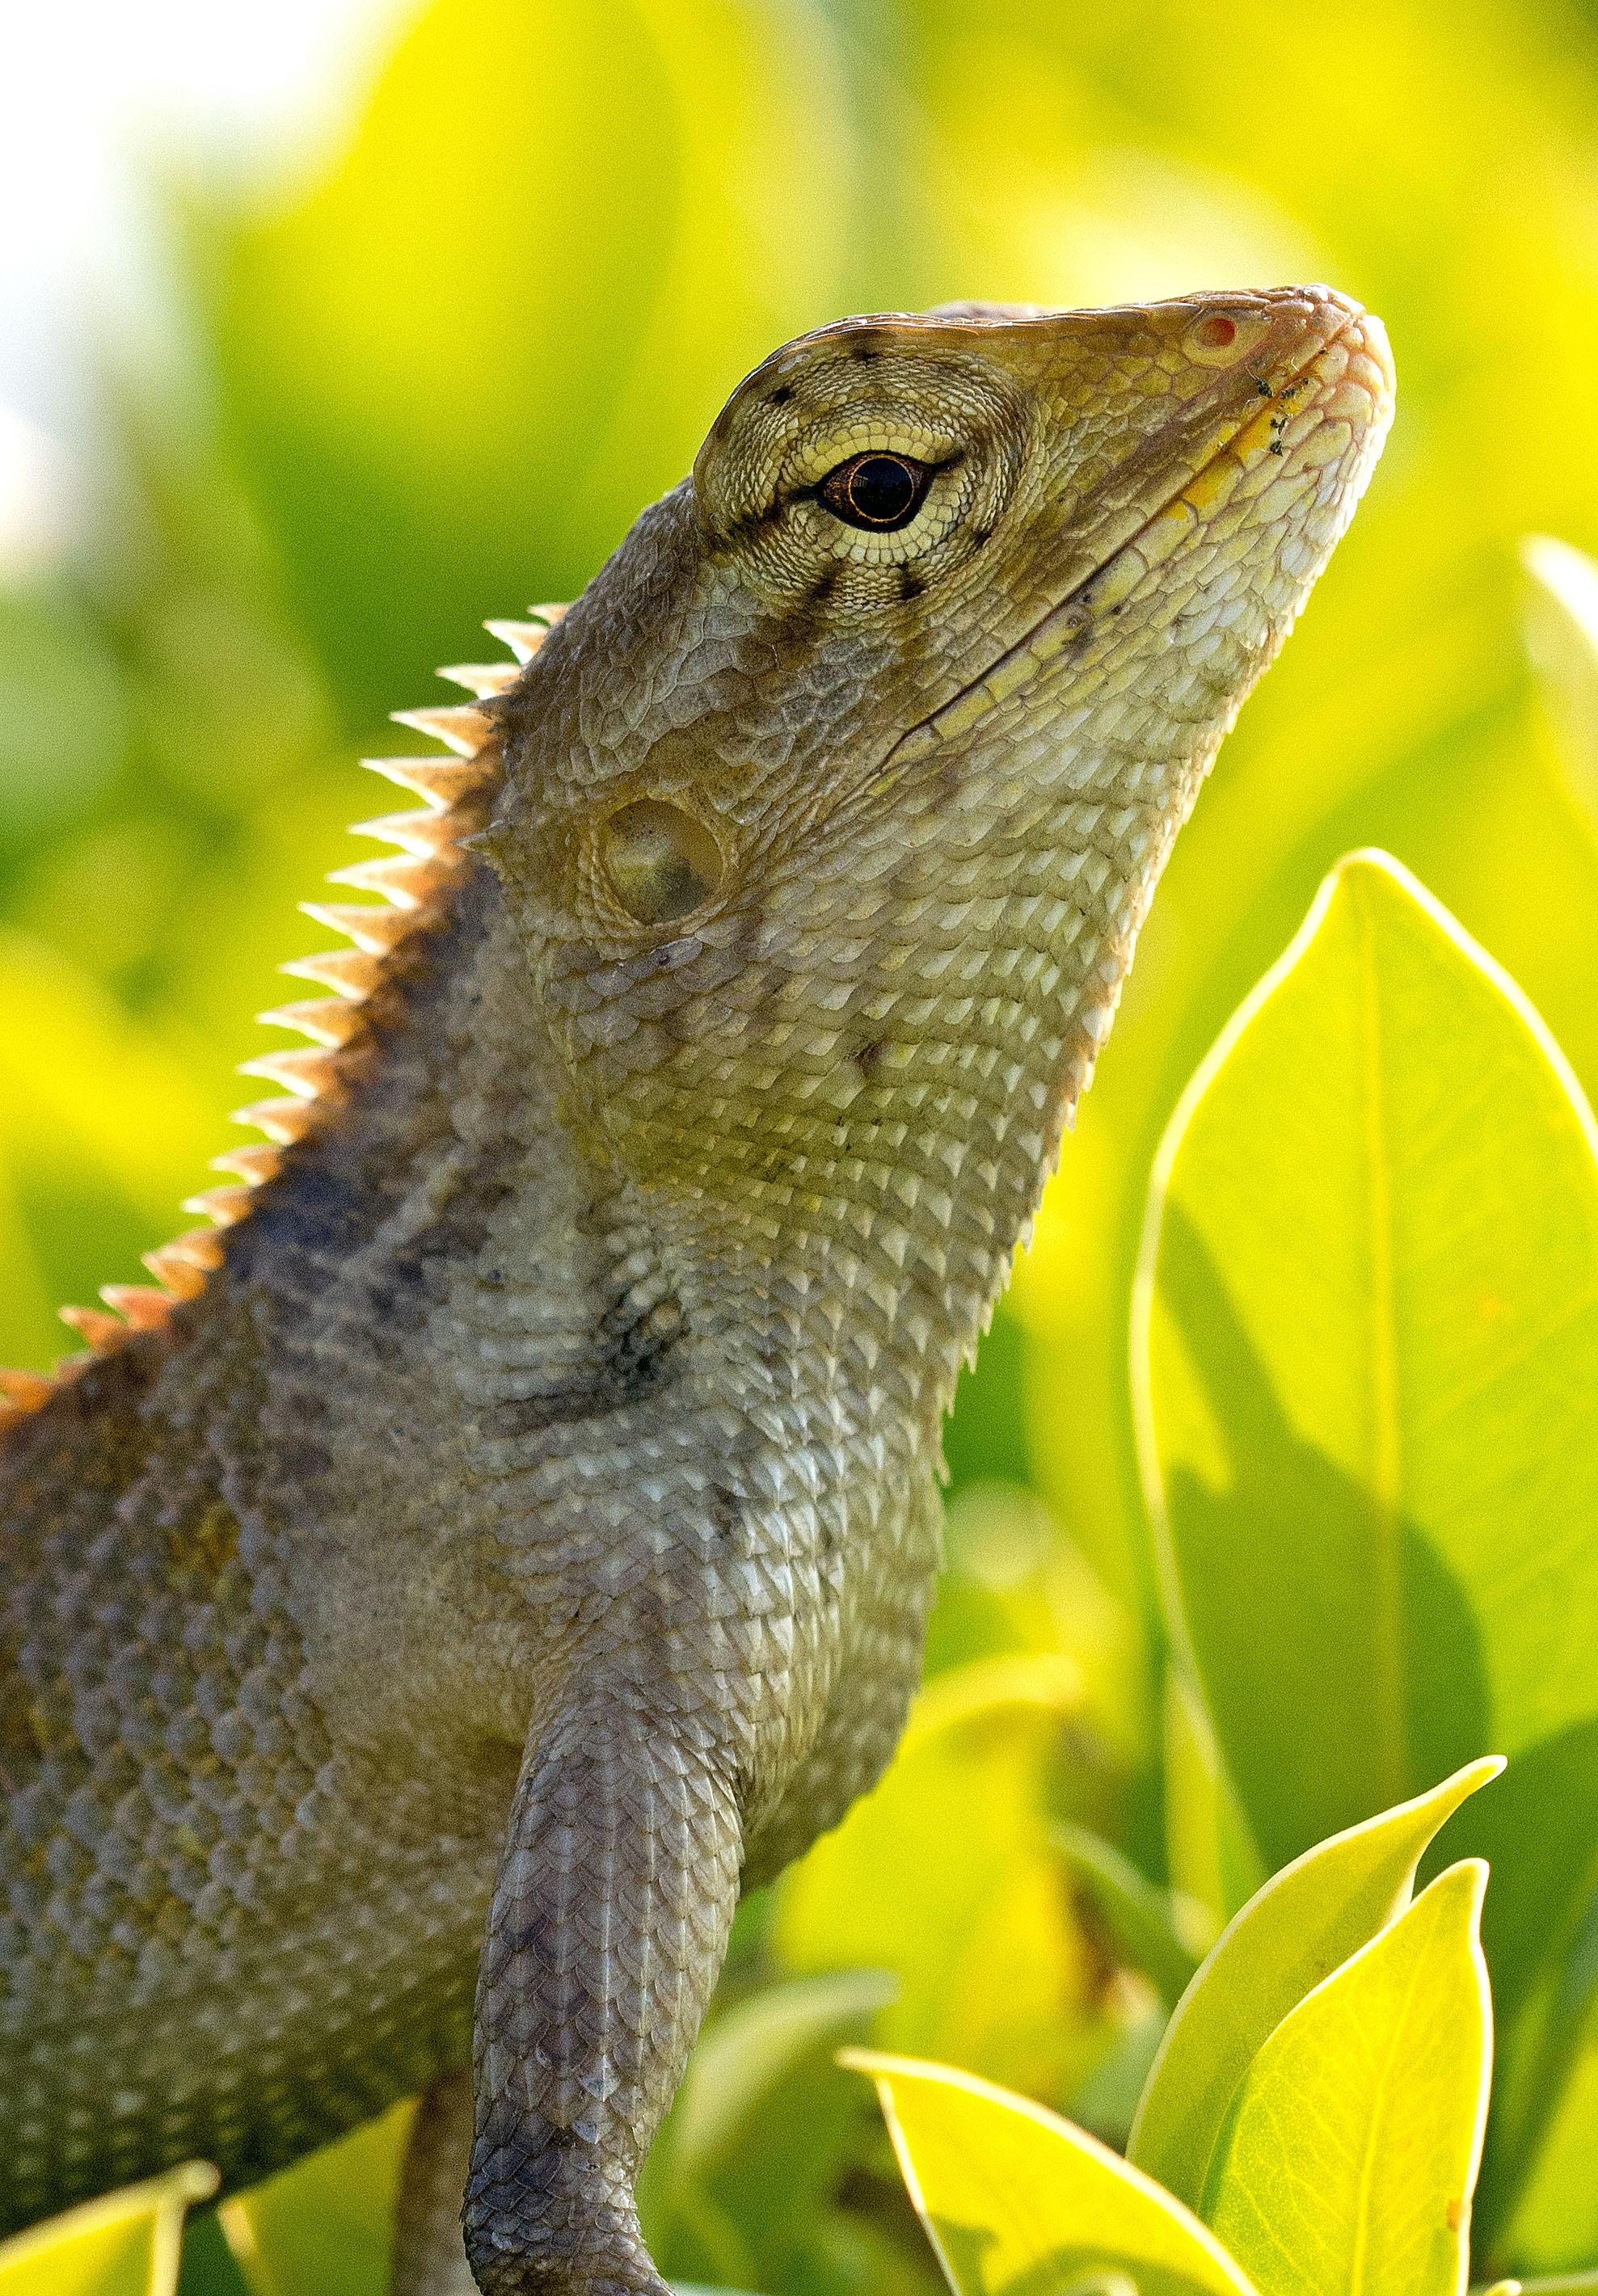 a common or garden lizard - Garden Lizard